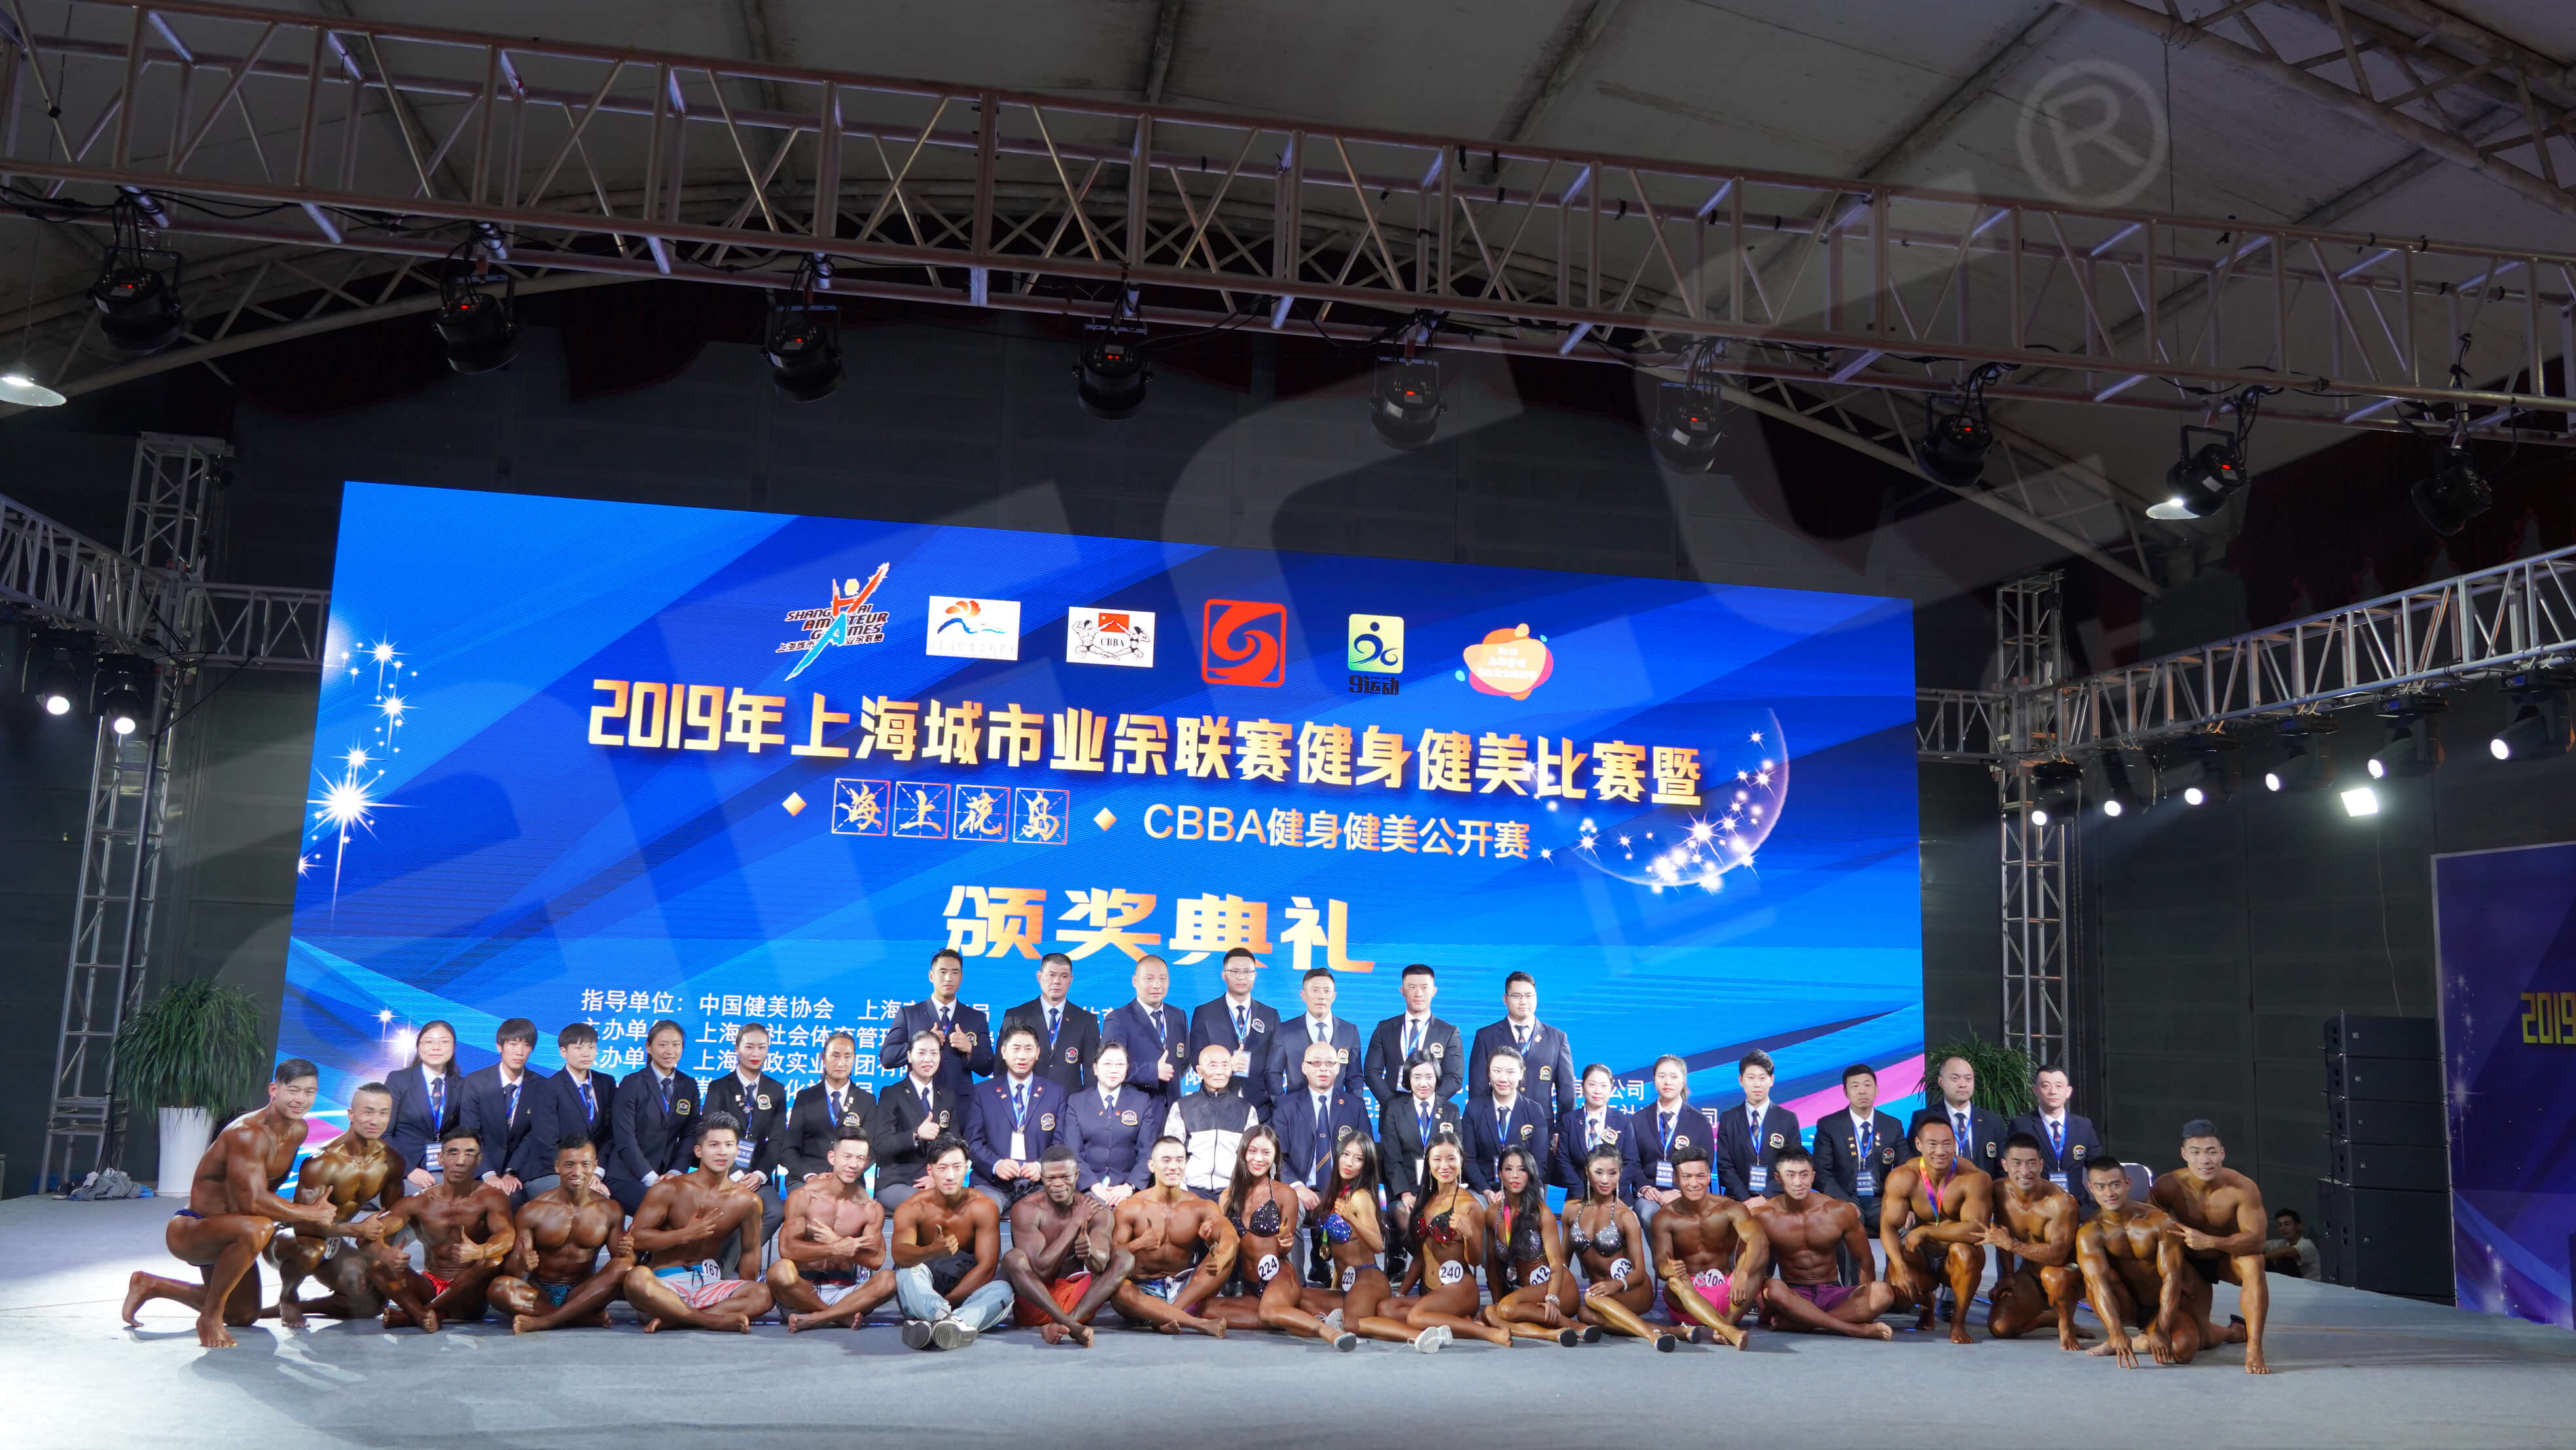 上海体适能已选拔优秀选手组成战队出征赛场